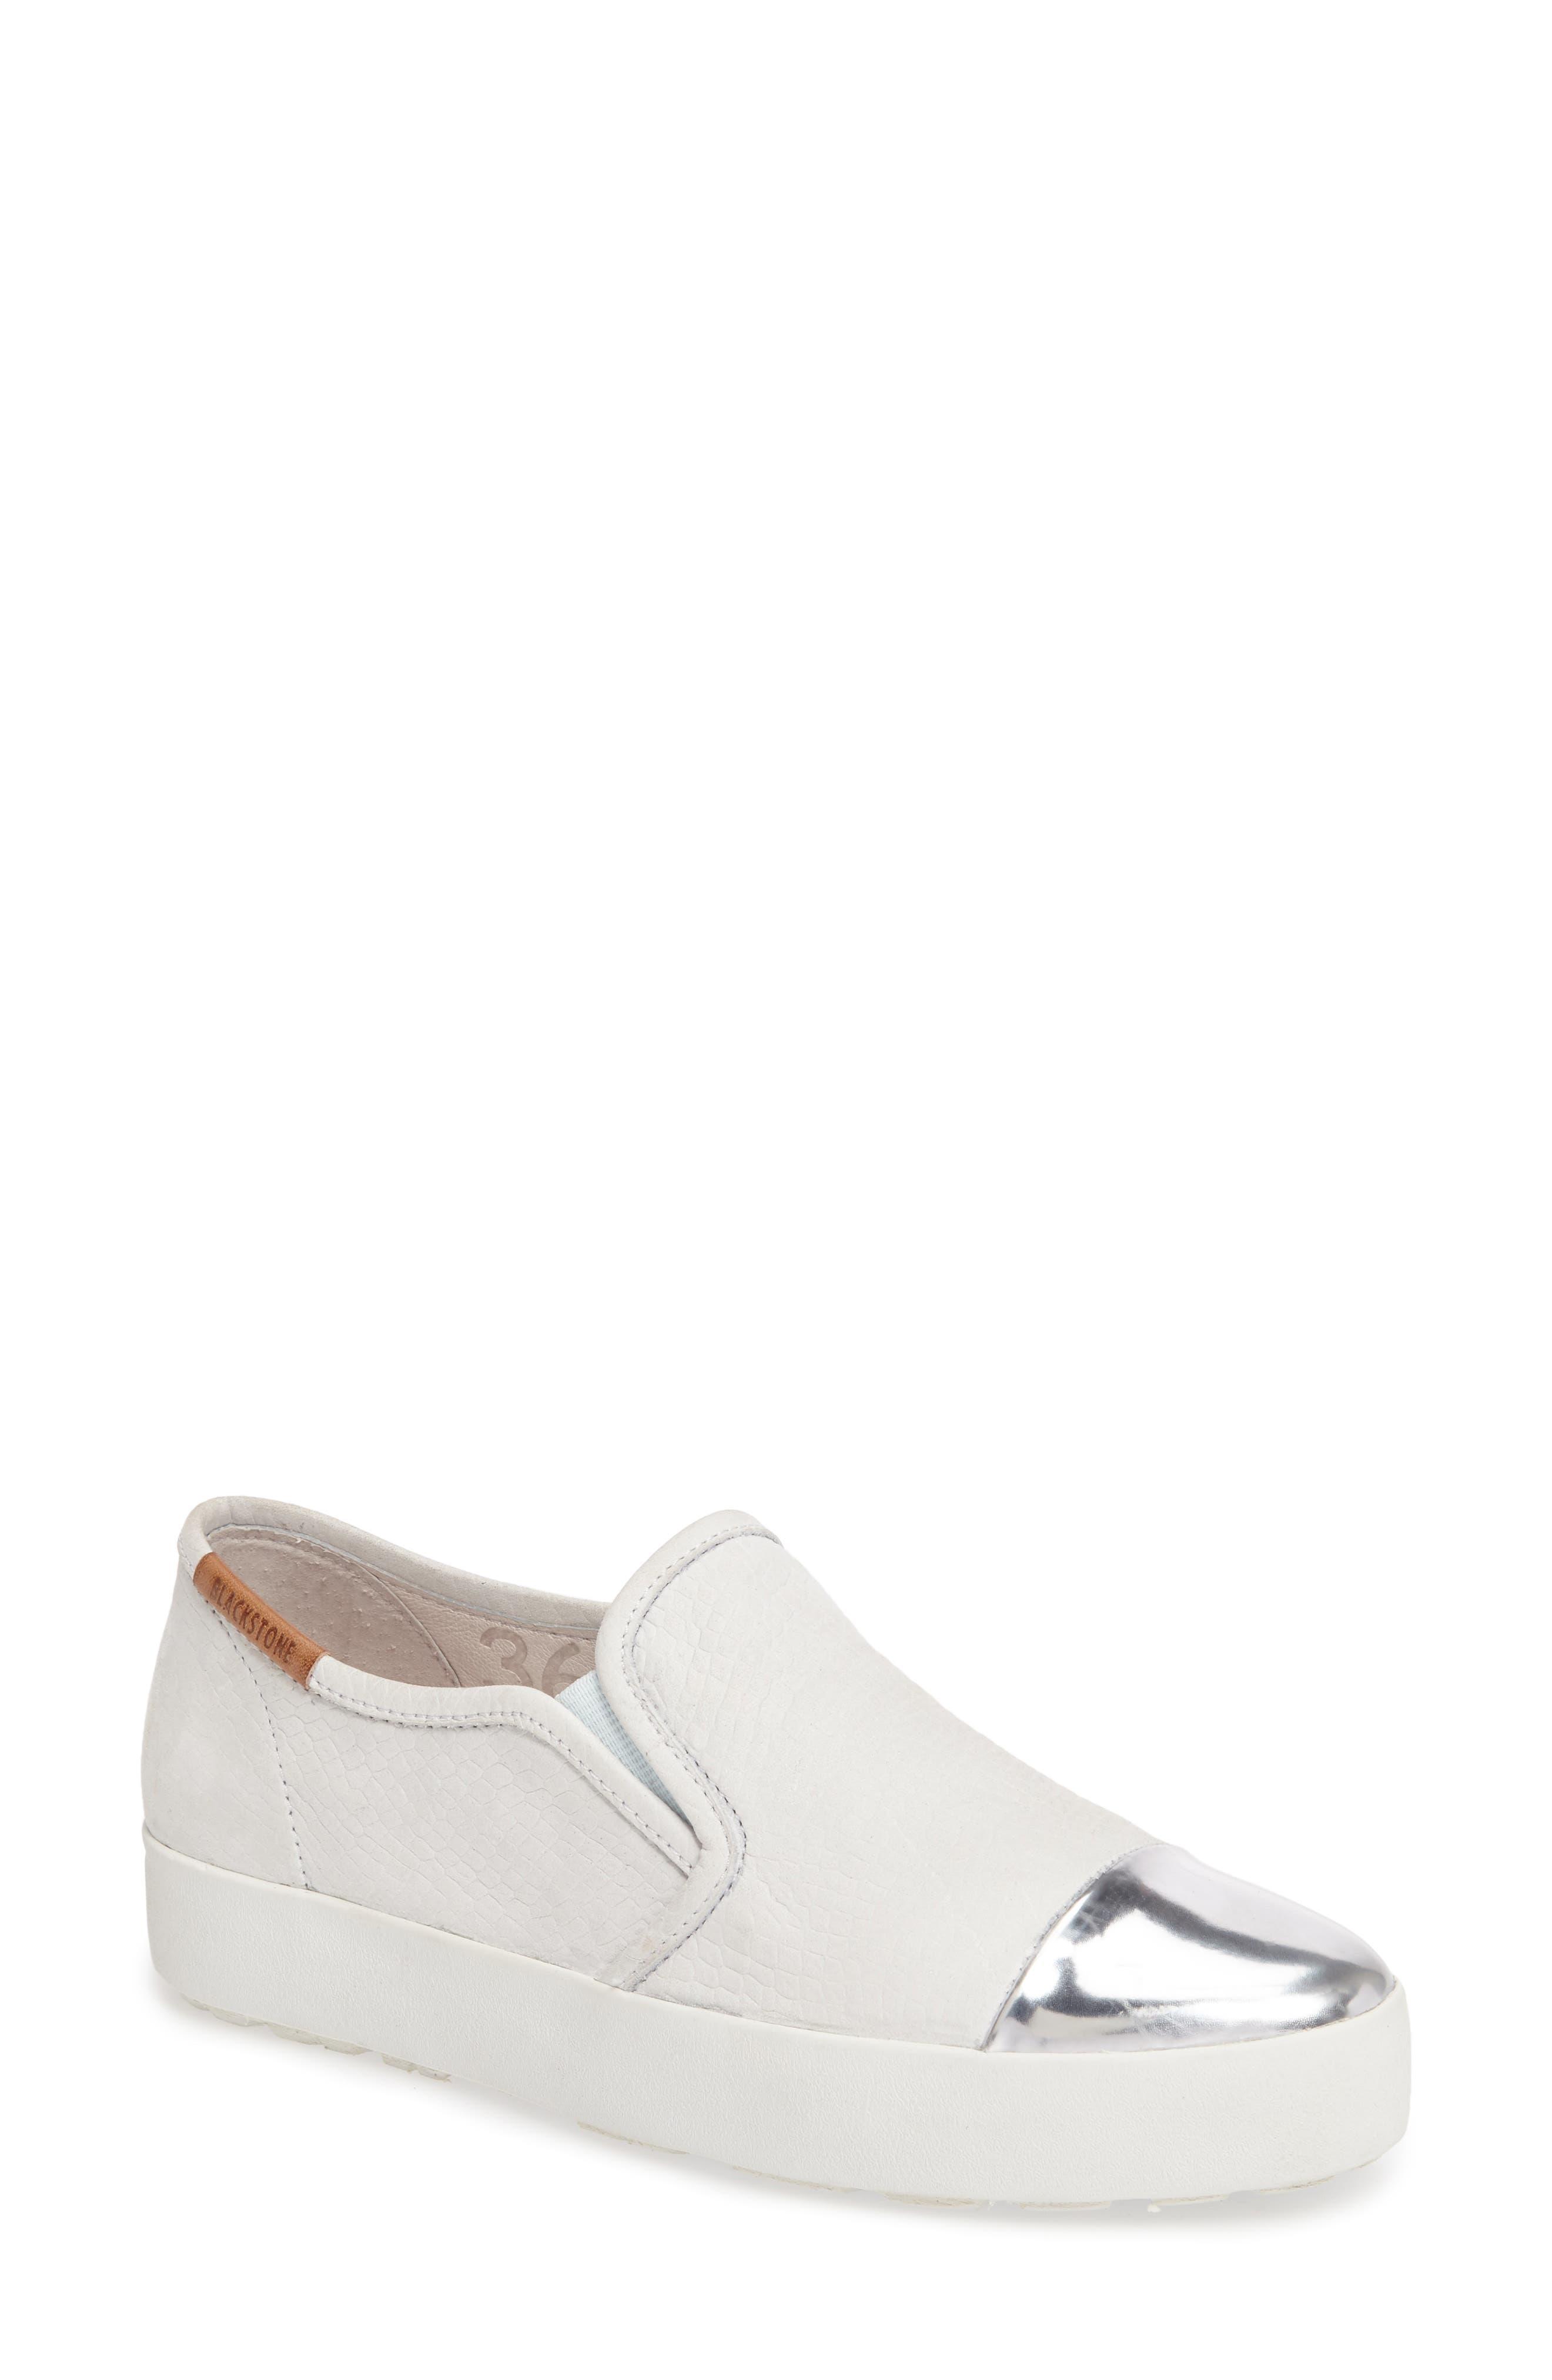 NL47 Slip-On Sneaker,                         Main,                         color, White Nubuck